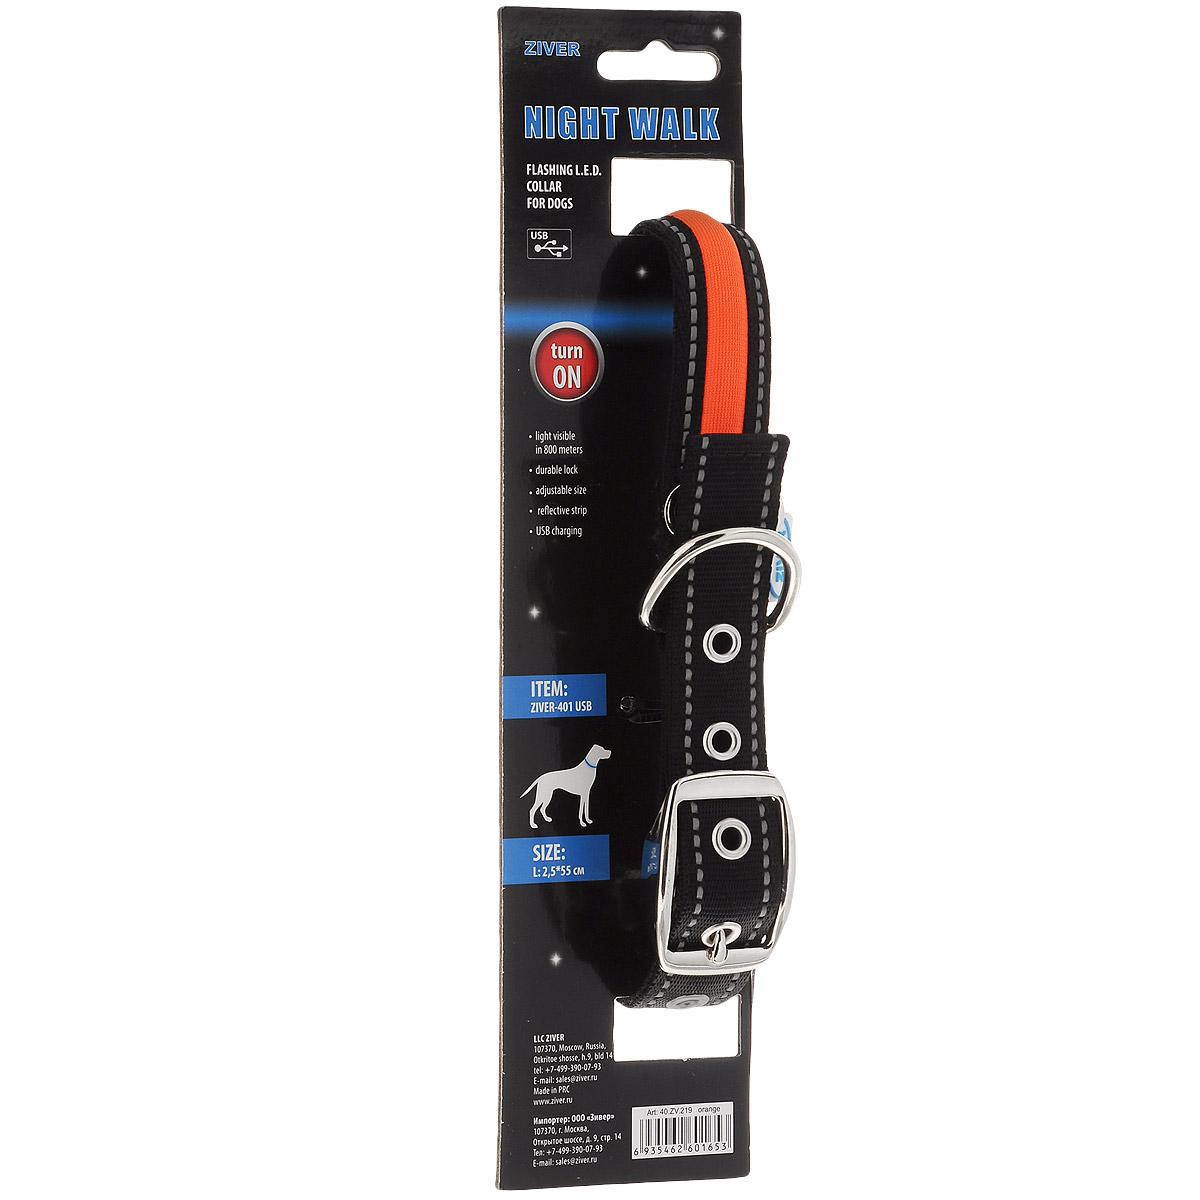 Ошейник для собак Ziver-401, светящийся, зарядка от USB, цвет: оранжевый, 55 см х 2,5 см40.ZV.119Светящийся ошейник Ziver-401 - это современный аксессуар, предназначенный для собак. Он выполнен из прочного нейлона и прошит светоотражающей нейлоновой нитью. Такой ошейник поможет вам видеть вашего питомца при прогулке в темное время суток.Ziver Ziver-401 обезопасит ваше животное от попадания под автомобиль, так как водитель сможет заметить приближающуюся собаку на расстоянии до 800 метров.Особенности ошейника:- работает в 4 режимах: постоянный свет, быстрое мигание, медленное мигание, без света;- в темное время суток виден на расстоянии до 800 метров; - сменный аккумулятор заряжается через USB-кабель; - надежная хромированная металлическая пряжка и металлическое кольцо; - выдерживает нагрузку на рывок до 250 кг; - прошит с обеих сторон светоотражающей нитью; - влагозащищен - от дождя и снега (не рекомендуем погружать в воду батарейный блок).Размер ошейника (ДхШ): 55 см х 2,5 см.